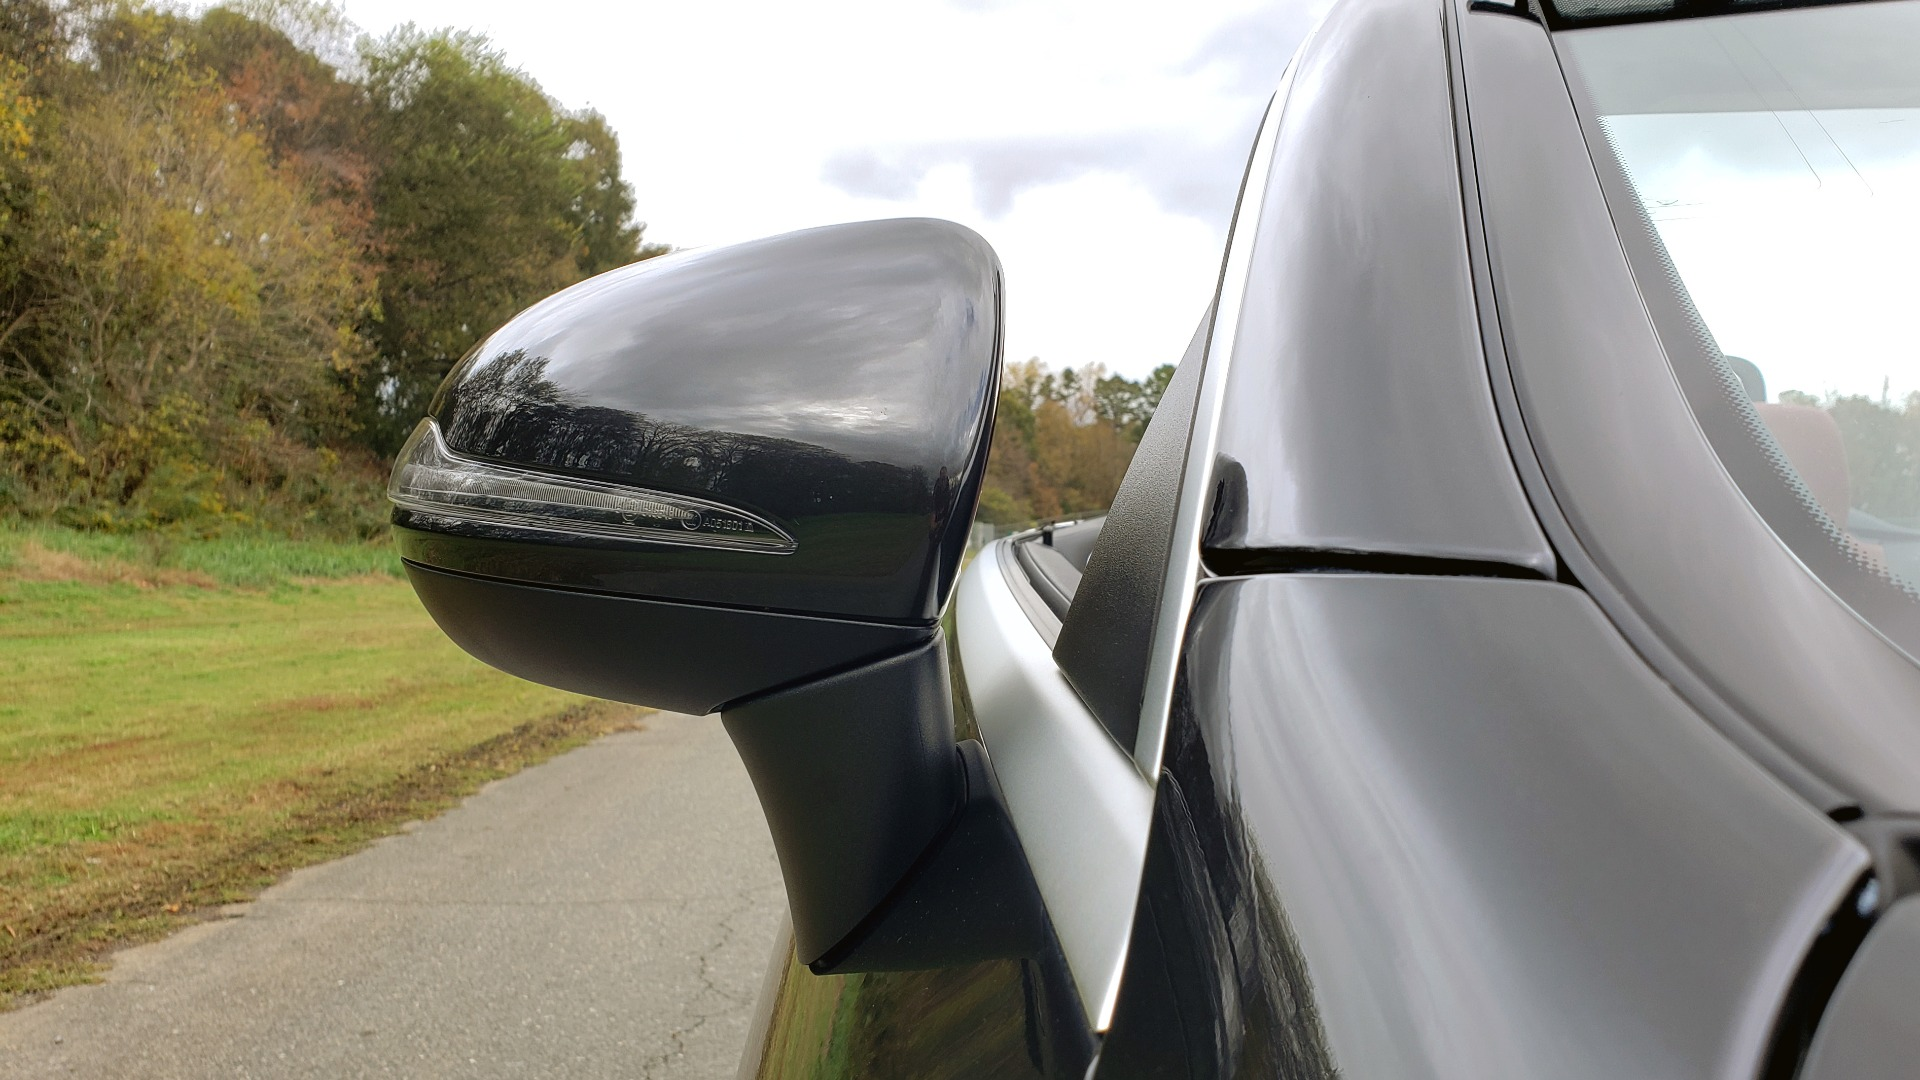 Used 2019 Mercedes-Benz C-CLASS C 300 CABRIOLET / PREM PKG / NAV / BURMESTER / MULTIMEDIA for sale $49,995 at Formula Imports in Charlotte NC 28227 54